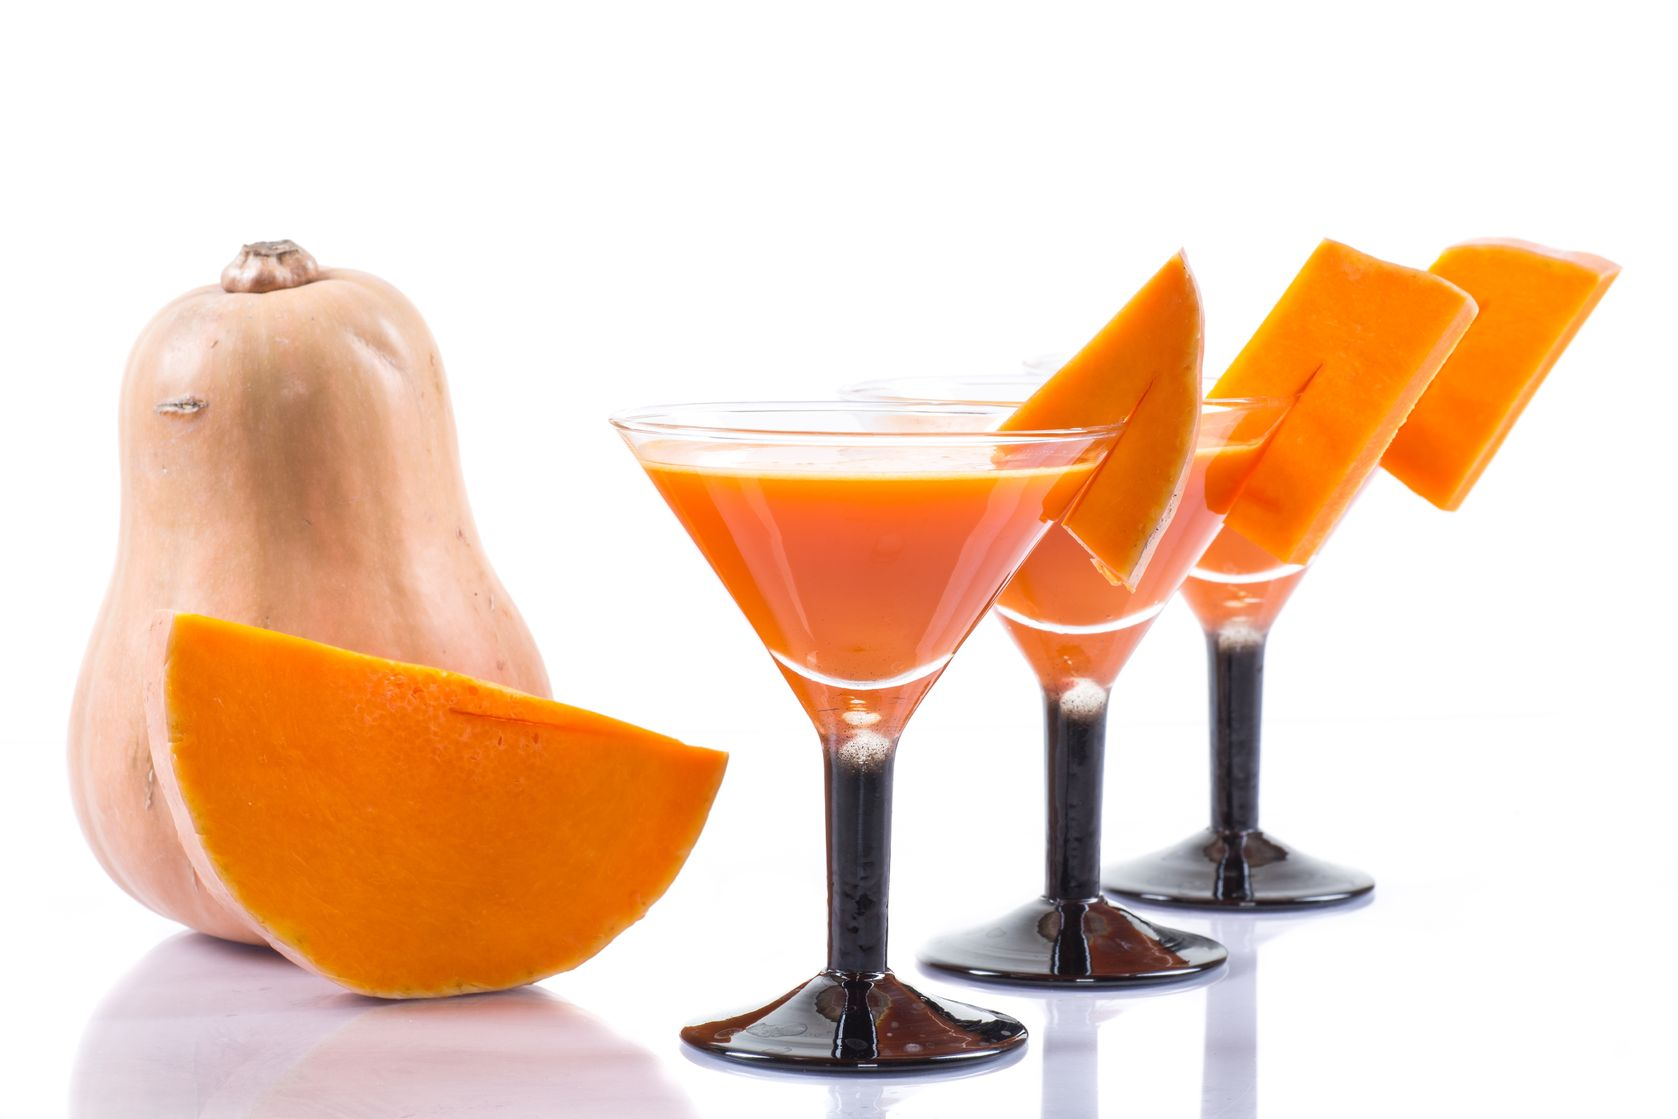 طريقة عمل عصير القرع اللذيذ والمميز - ثقف نفسك